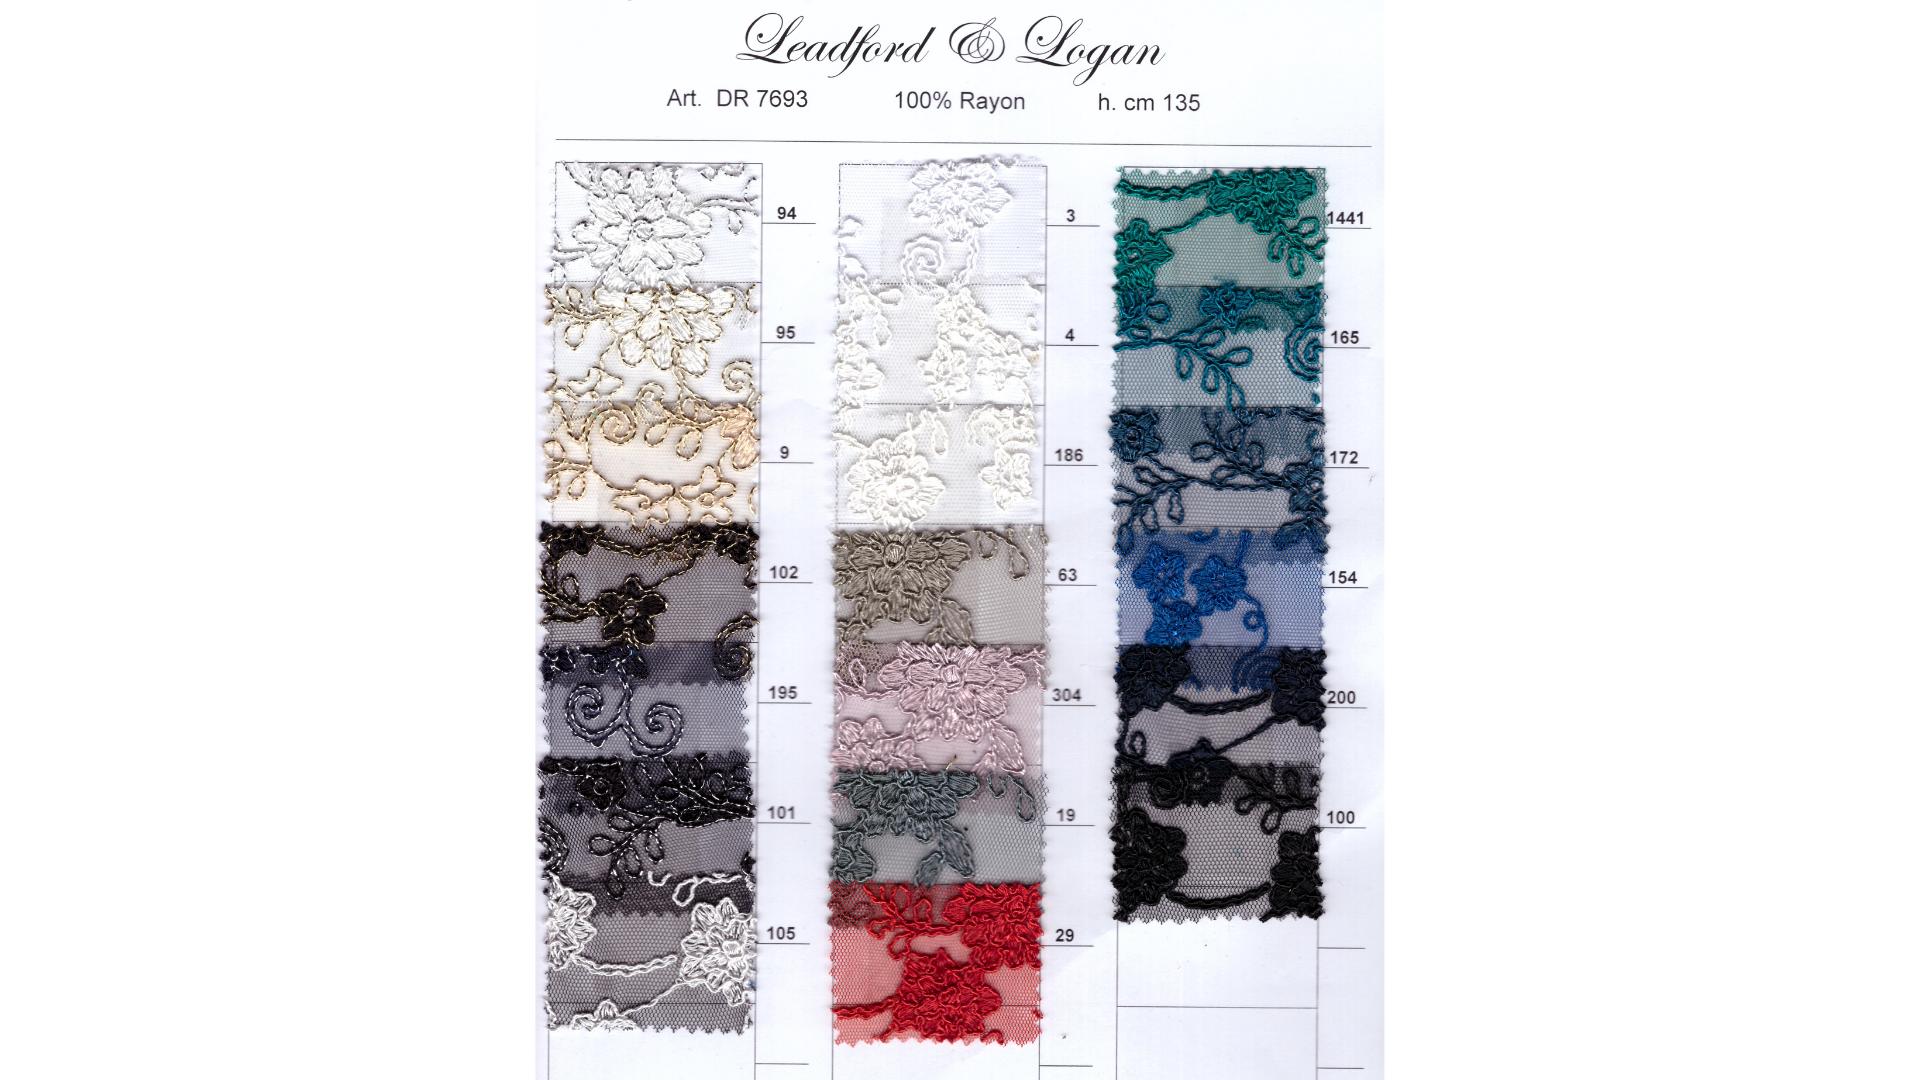 il particolare del tessuto dr7693, appartenente alla categoria ricami senza accessori, di Leadford & Logan